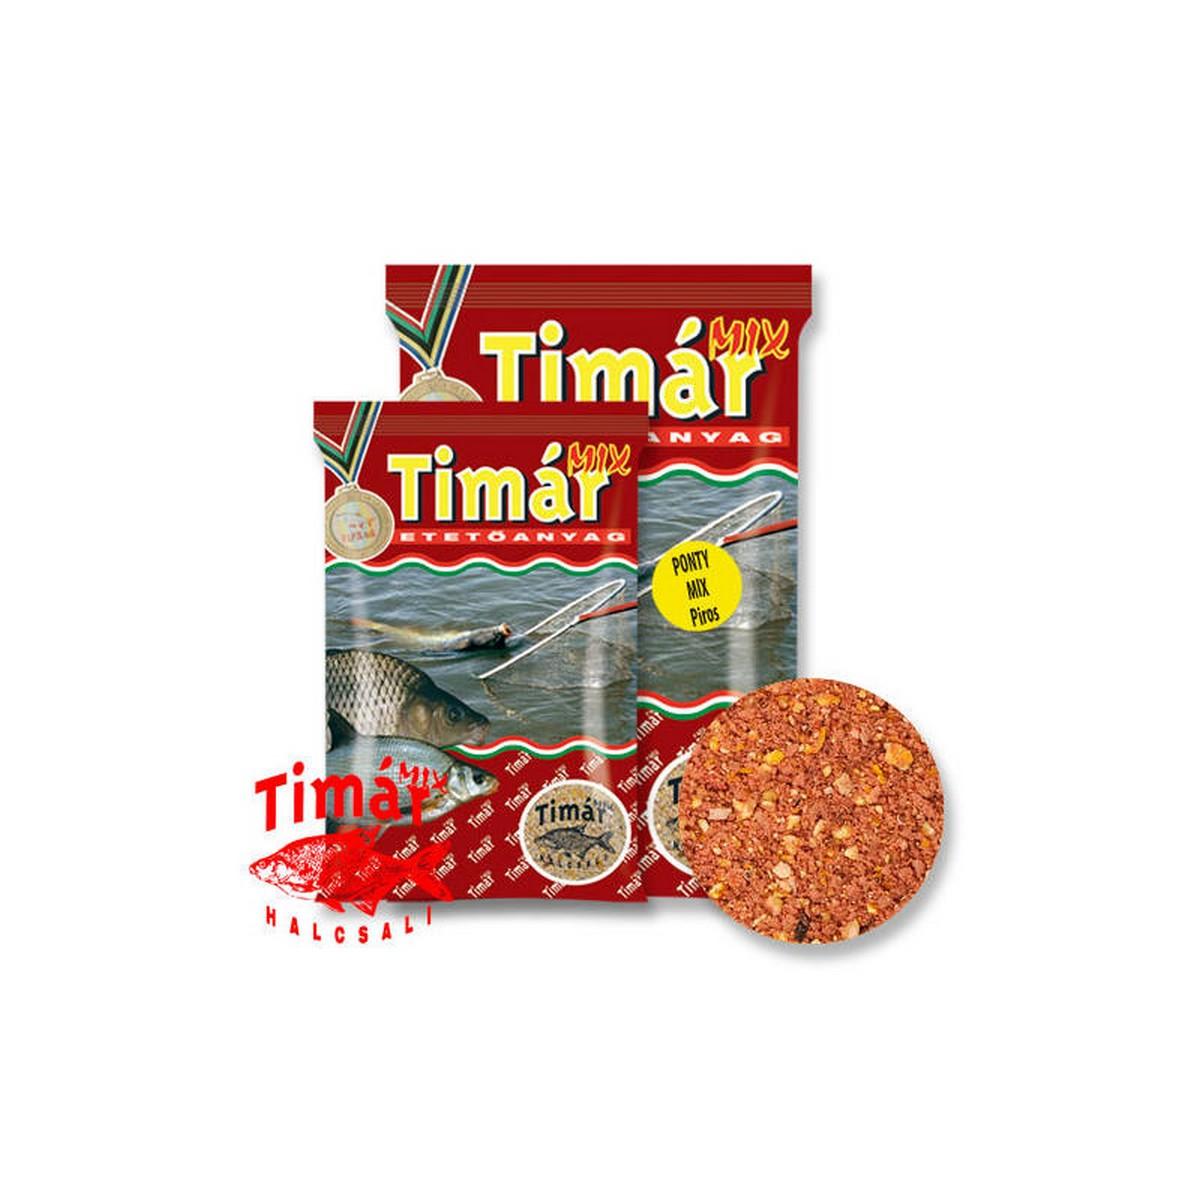 TIMARMIX 3KG PONTY MIX PIROS